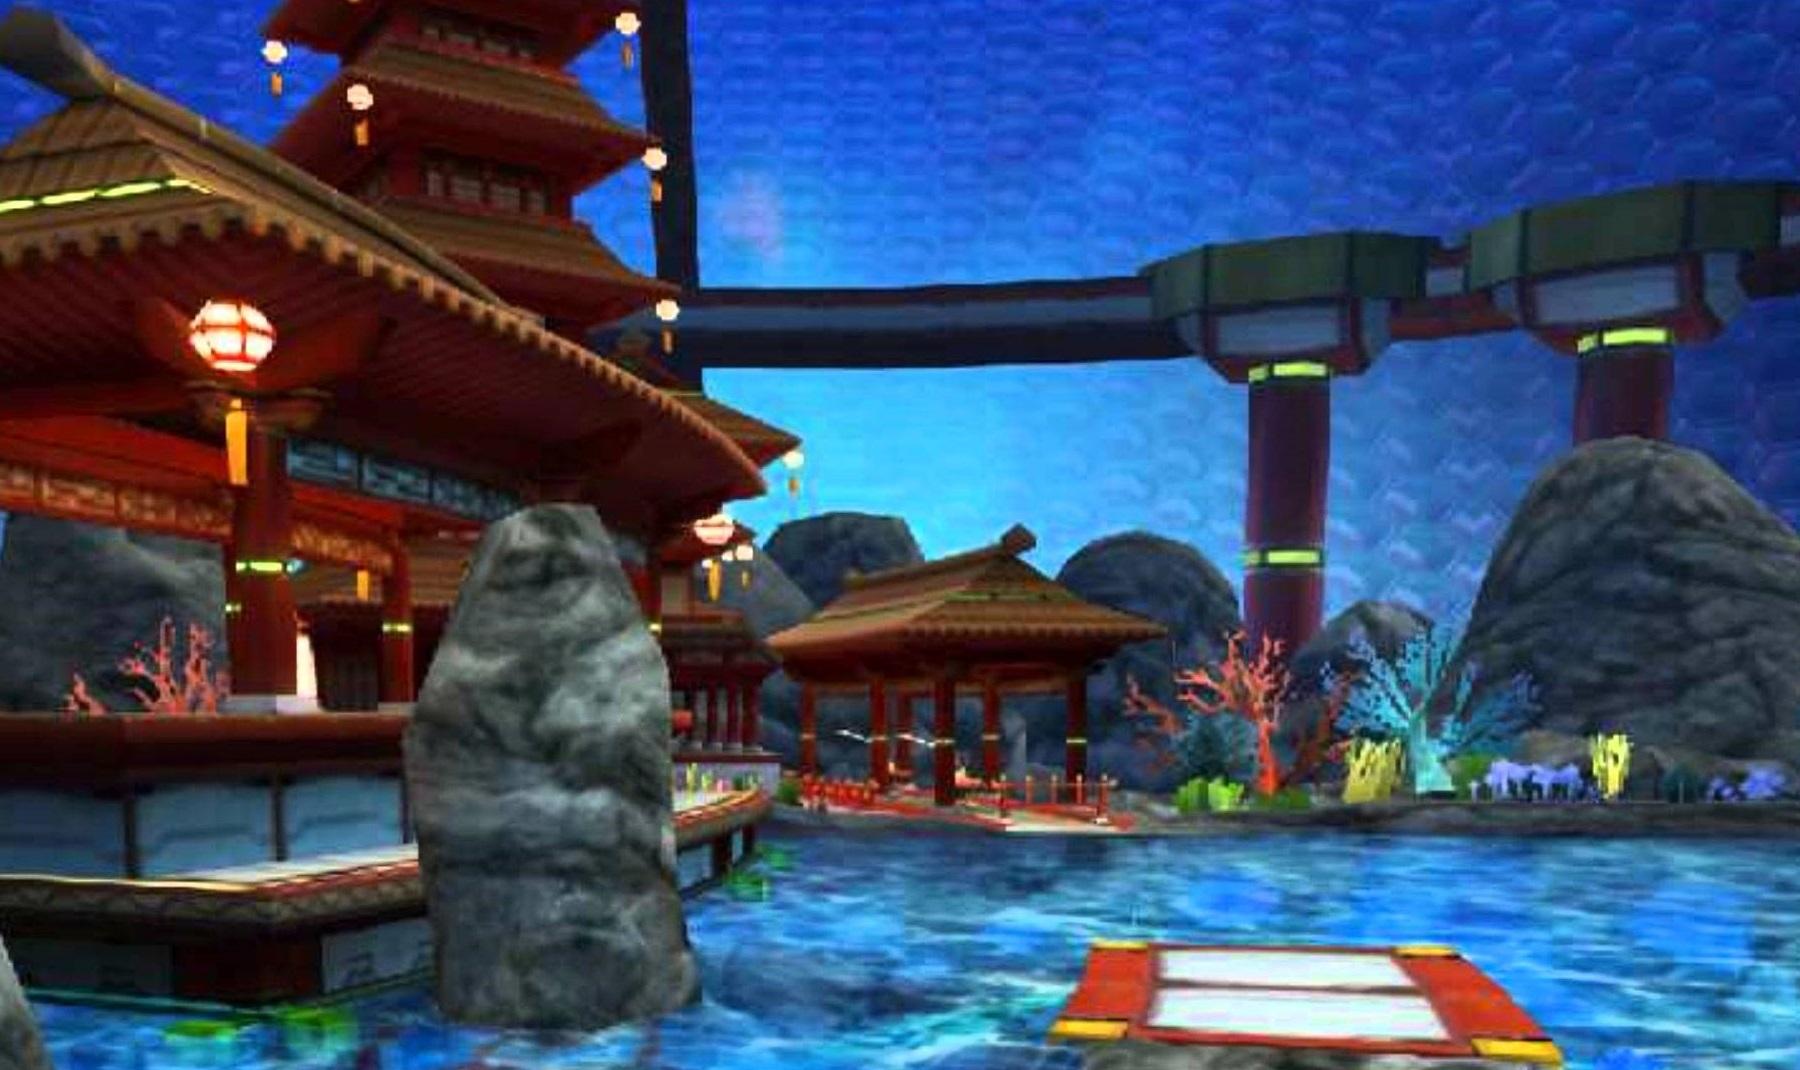 Aquarium Park